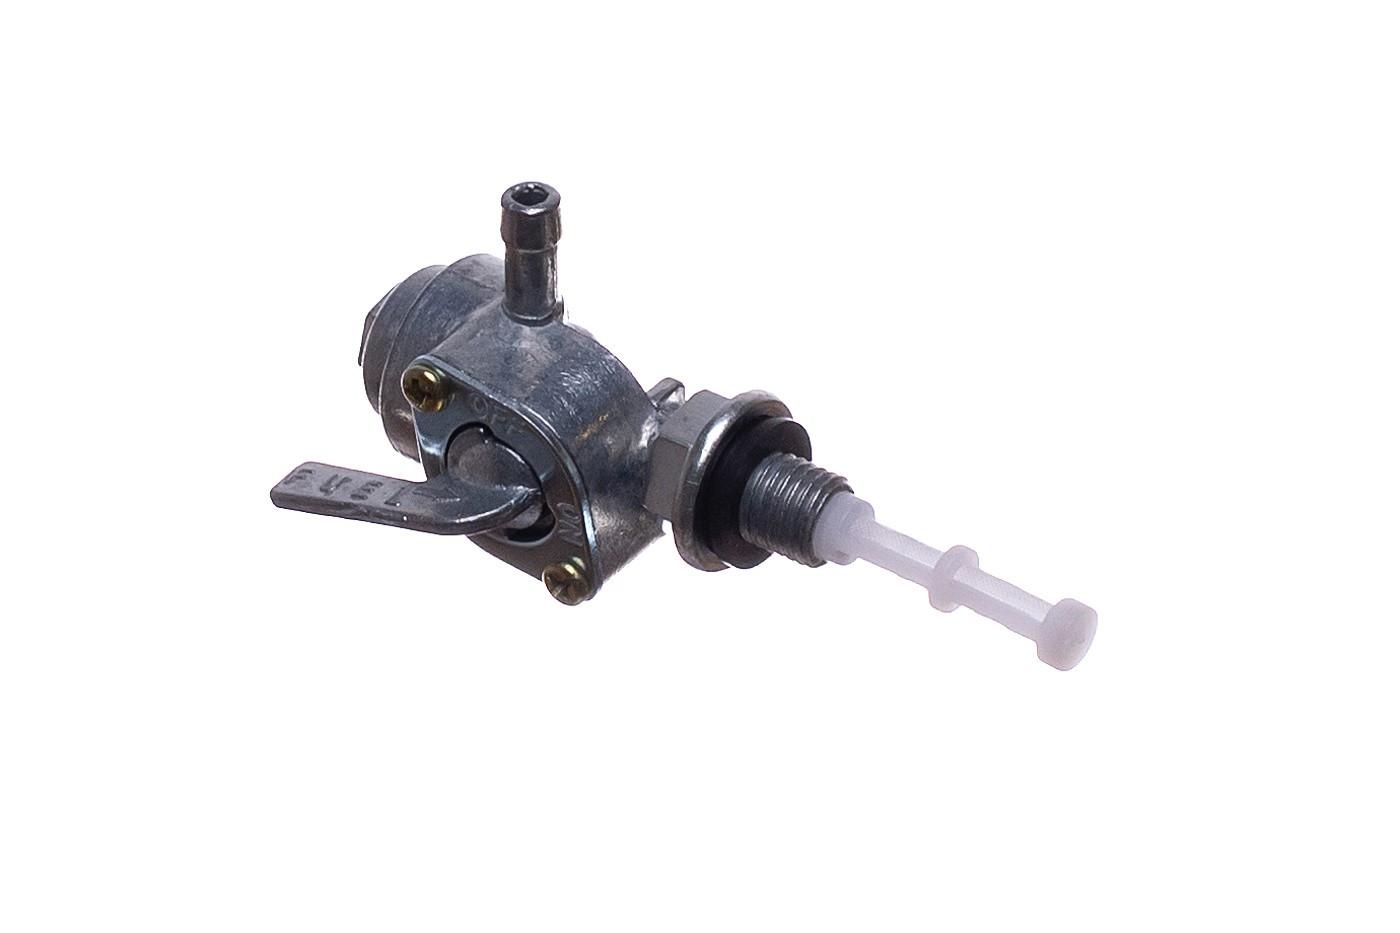 Palivový uzávěr s filtrem do benzínové nádrže 2-6 kW